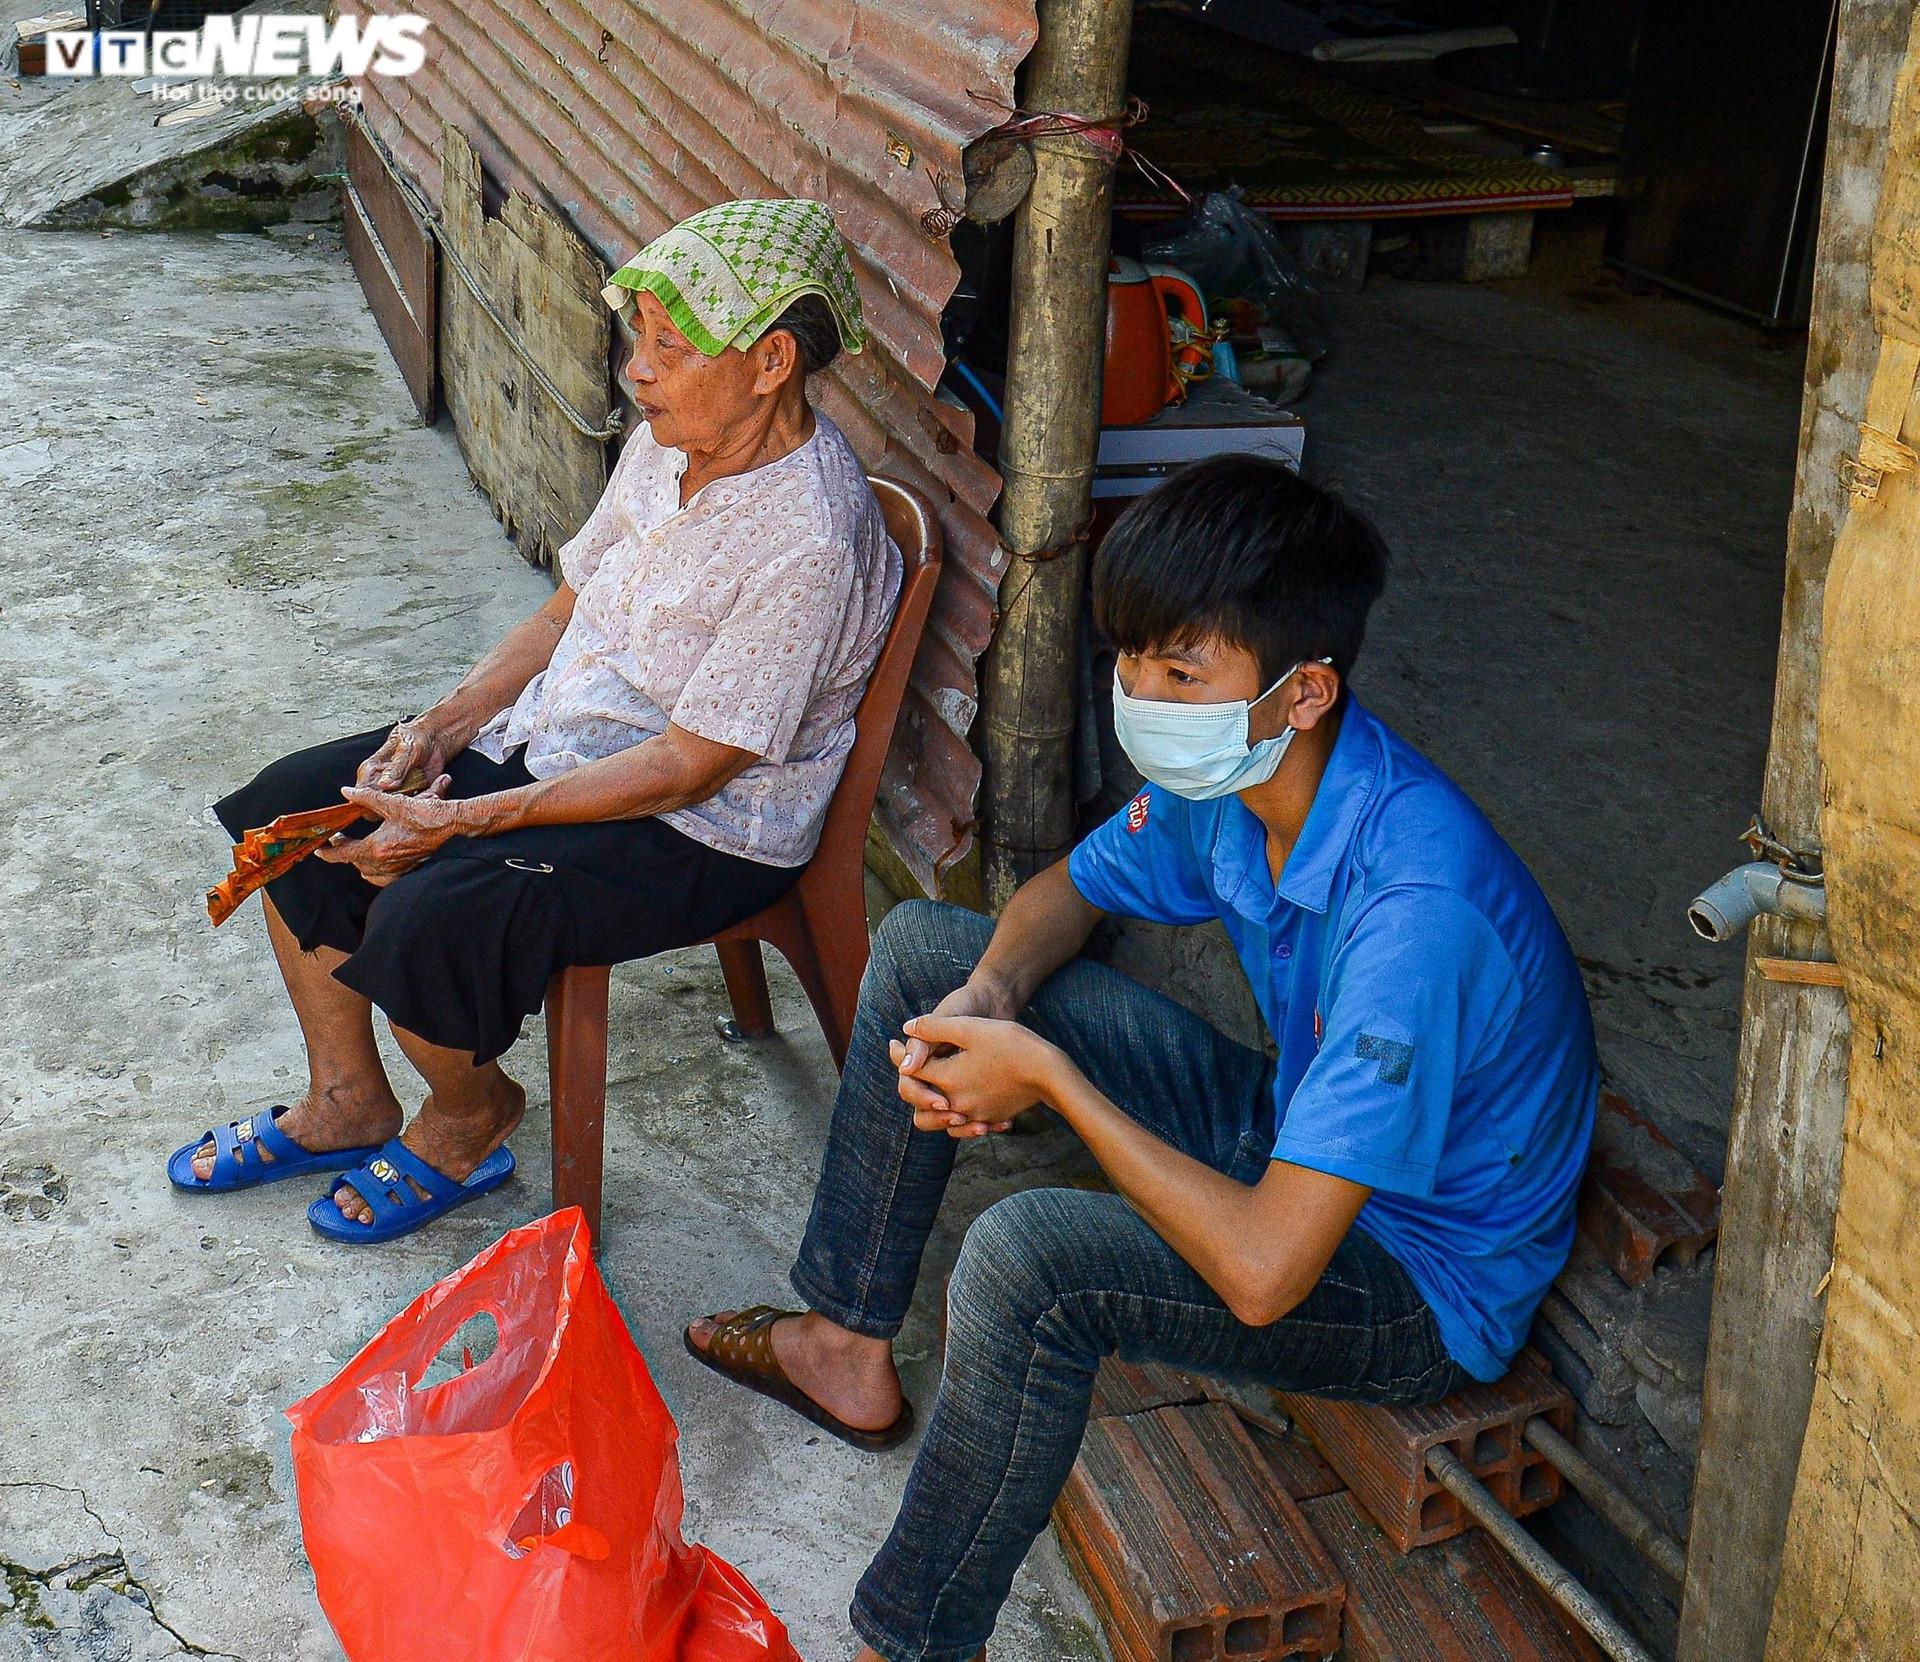 Hà Nội: Trung thu ấm áp của những đứa trẻ nghèo ở chân cầu Long Biên - 12